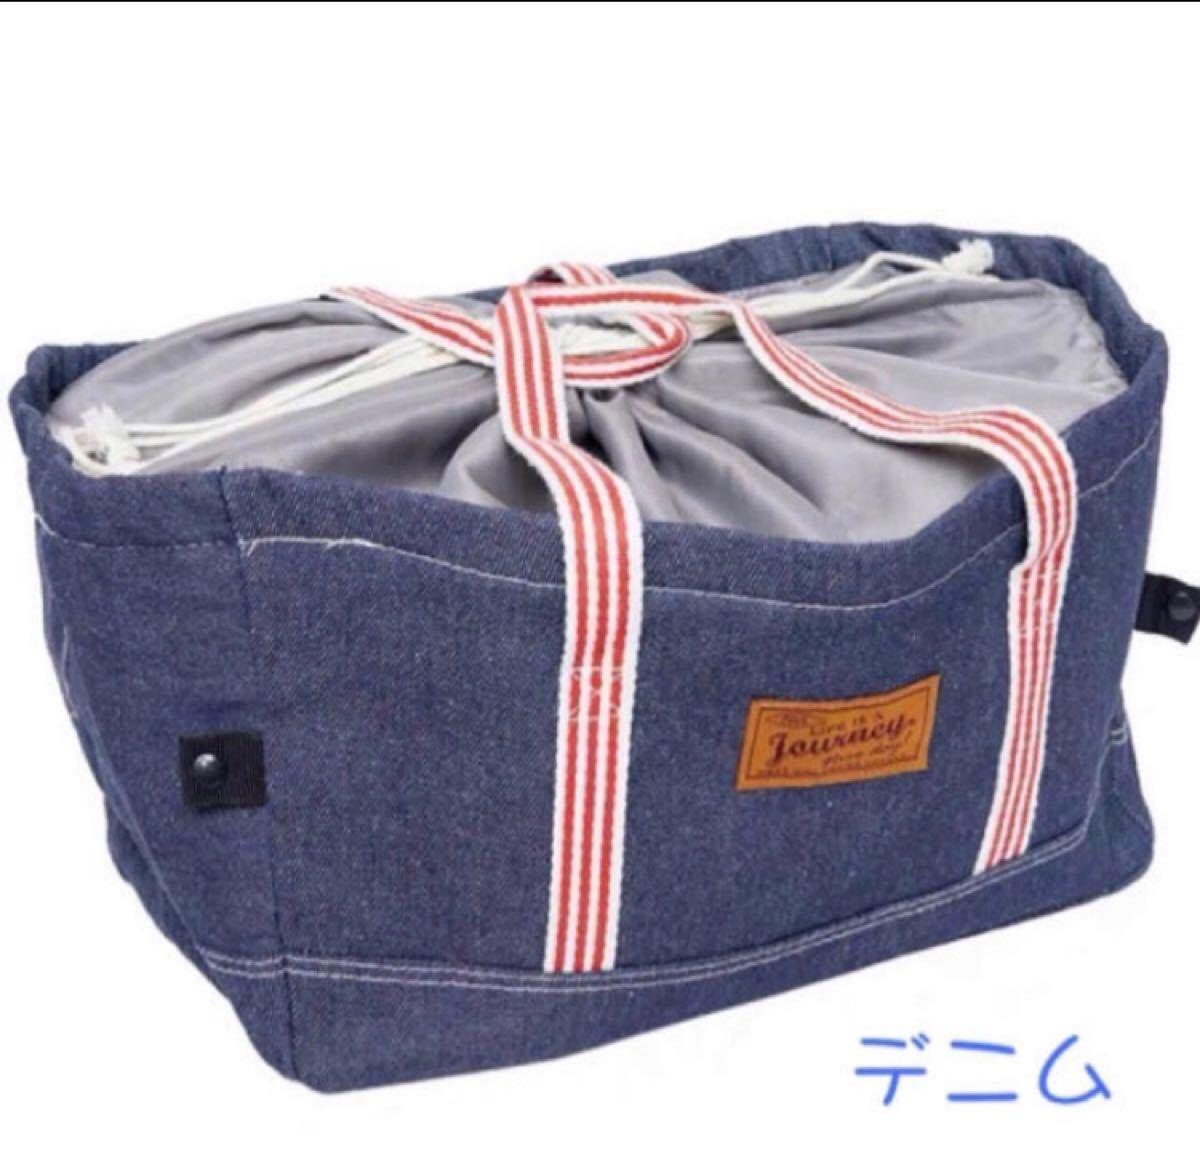 保冷温BIGバッグ エコバッグ レジカゴ 大容量 デニム柄 レジカゴバッグ ショッピングバッグ